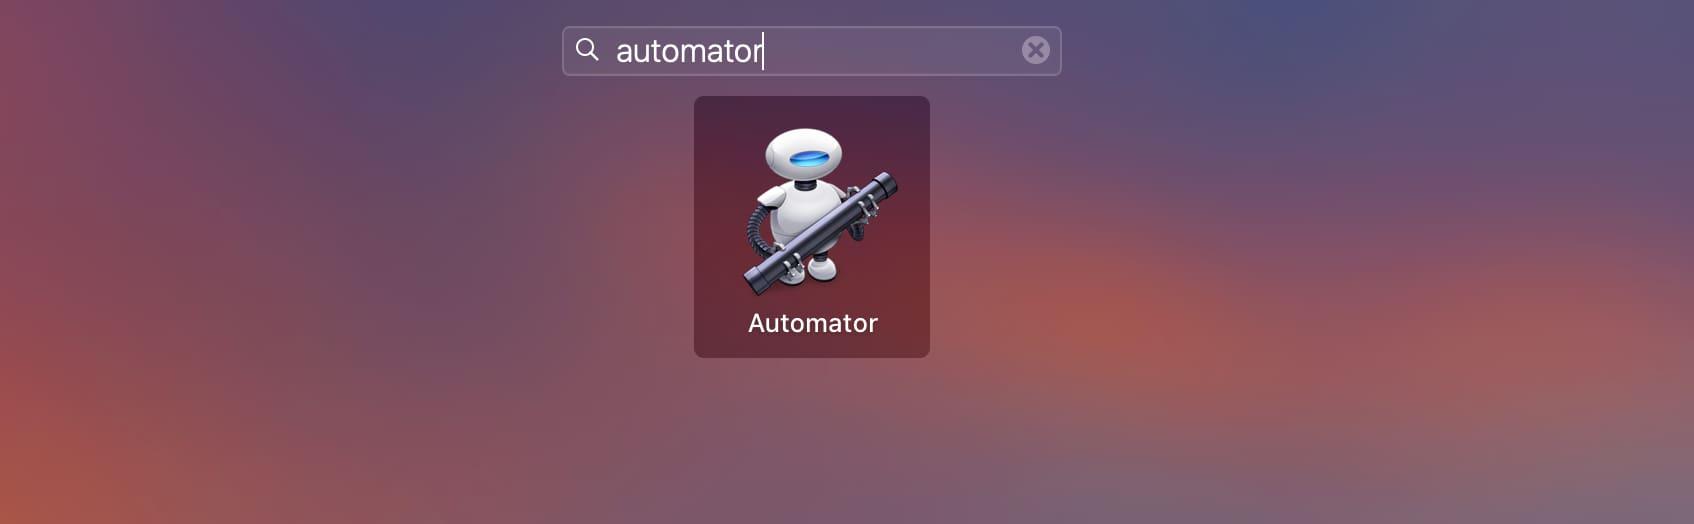 如何使用「Automator」批次壓縮圖像